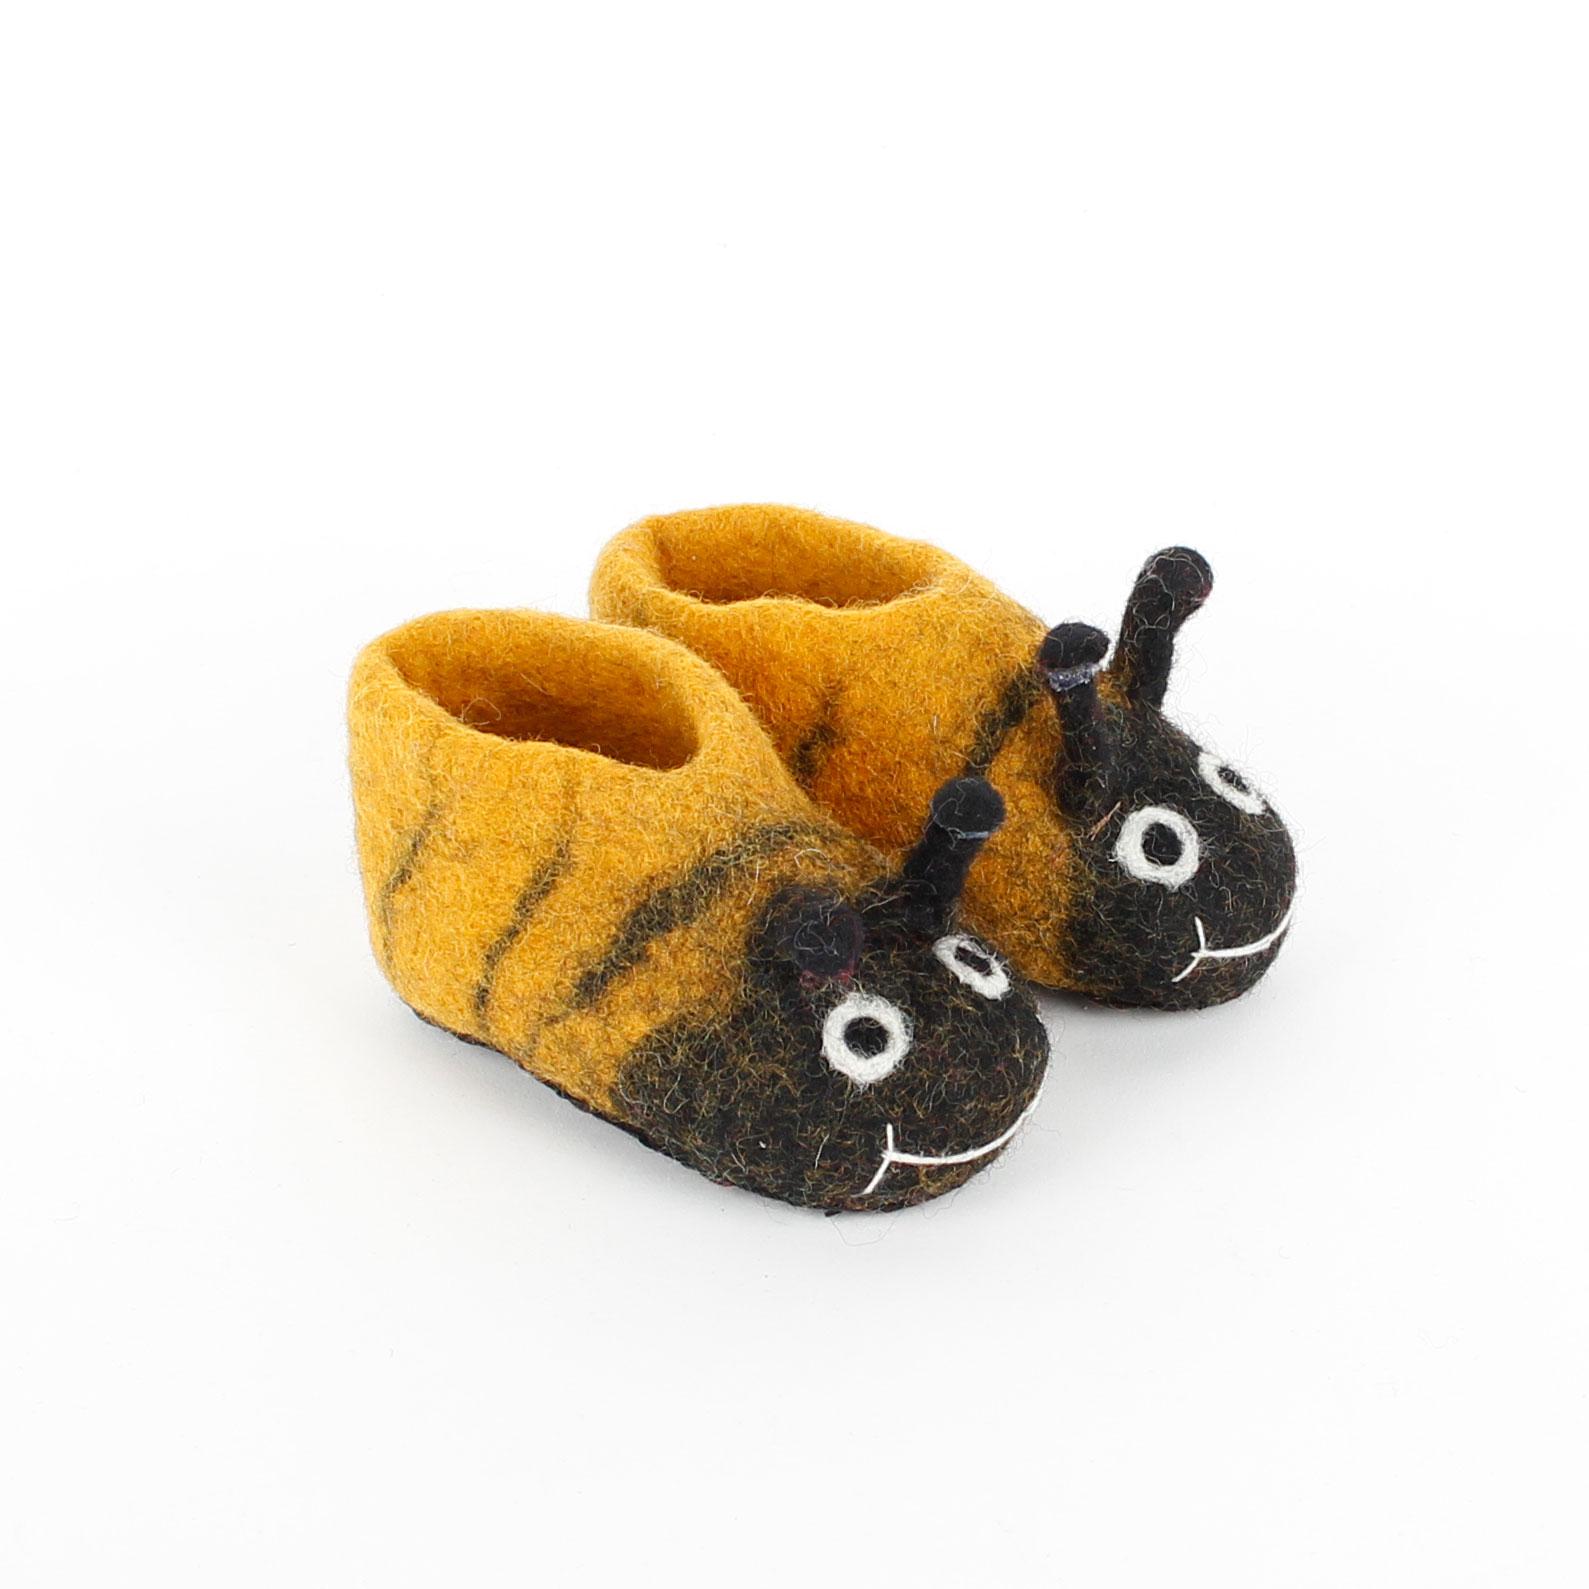 Slofjes - Kinder - Schoentje - Baby - Pantoffeltjes - maat 20 - (12-16 maanden) 12,3 cm -- 1 paar - Bijtjes - Fairtrade - Vilt